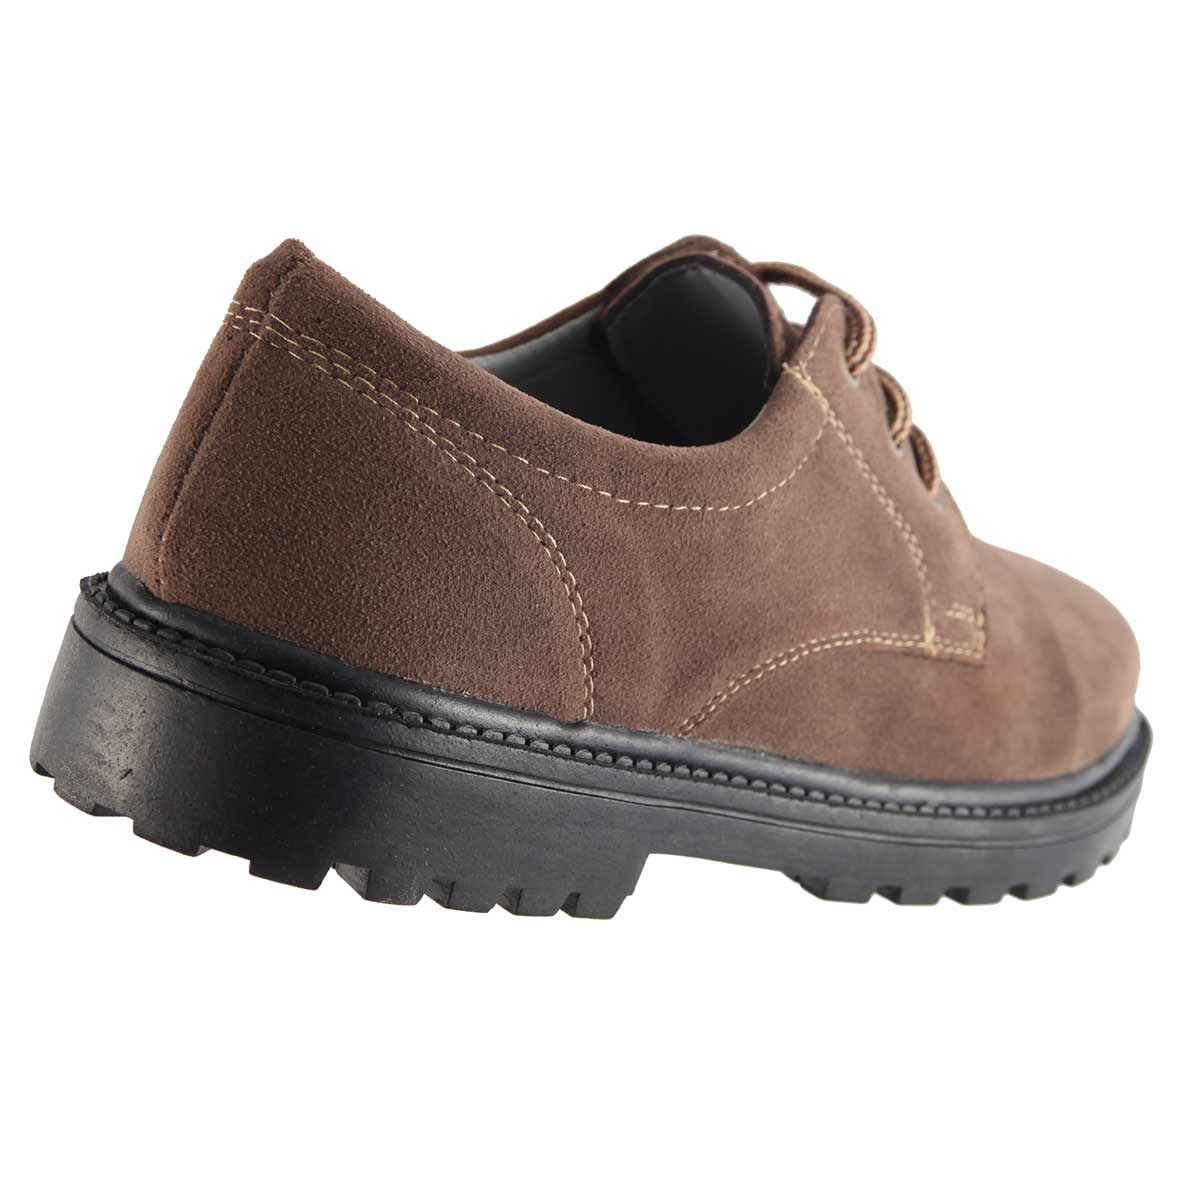 Sapato Masculino Sekall Camurça Cadarço 7005  - Ian Calçados